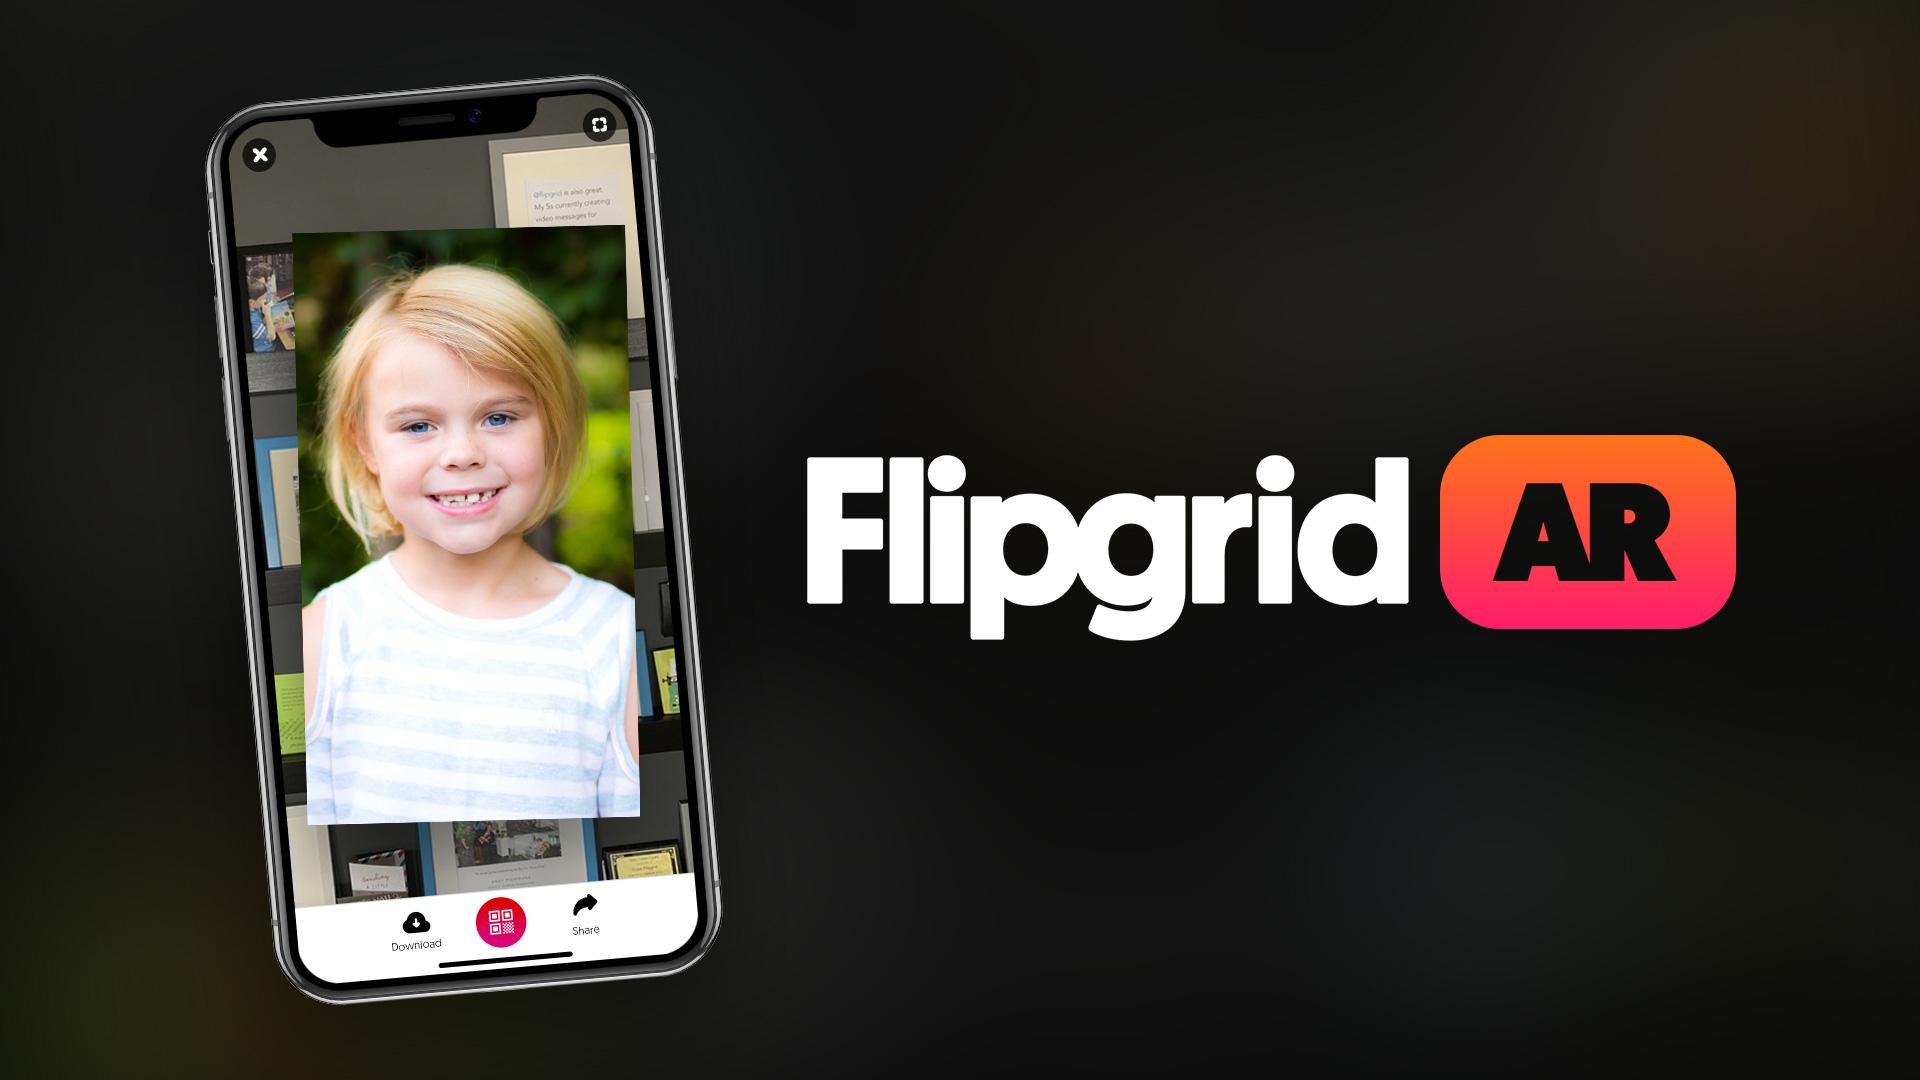 FlipgridAR